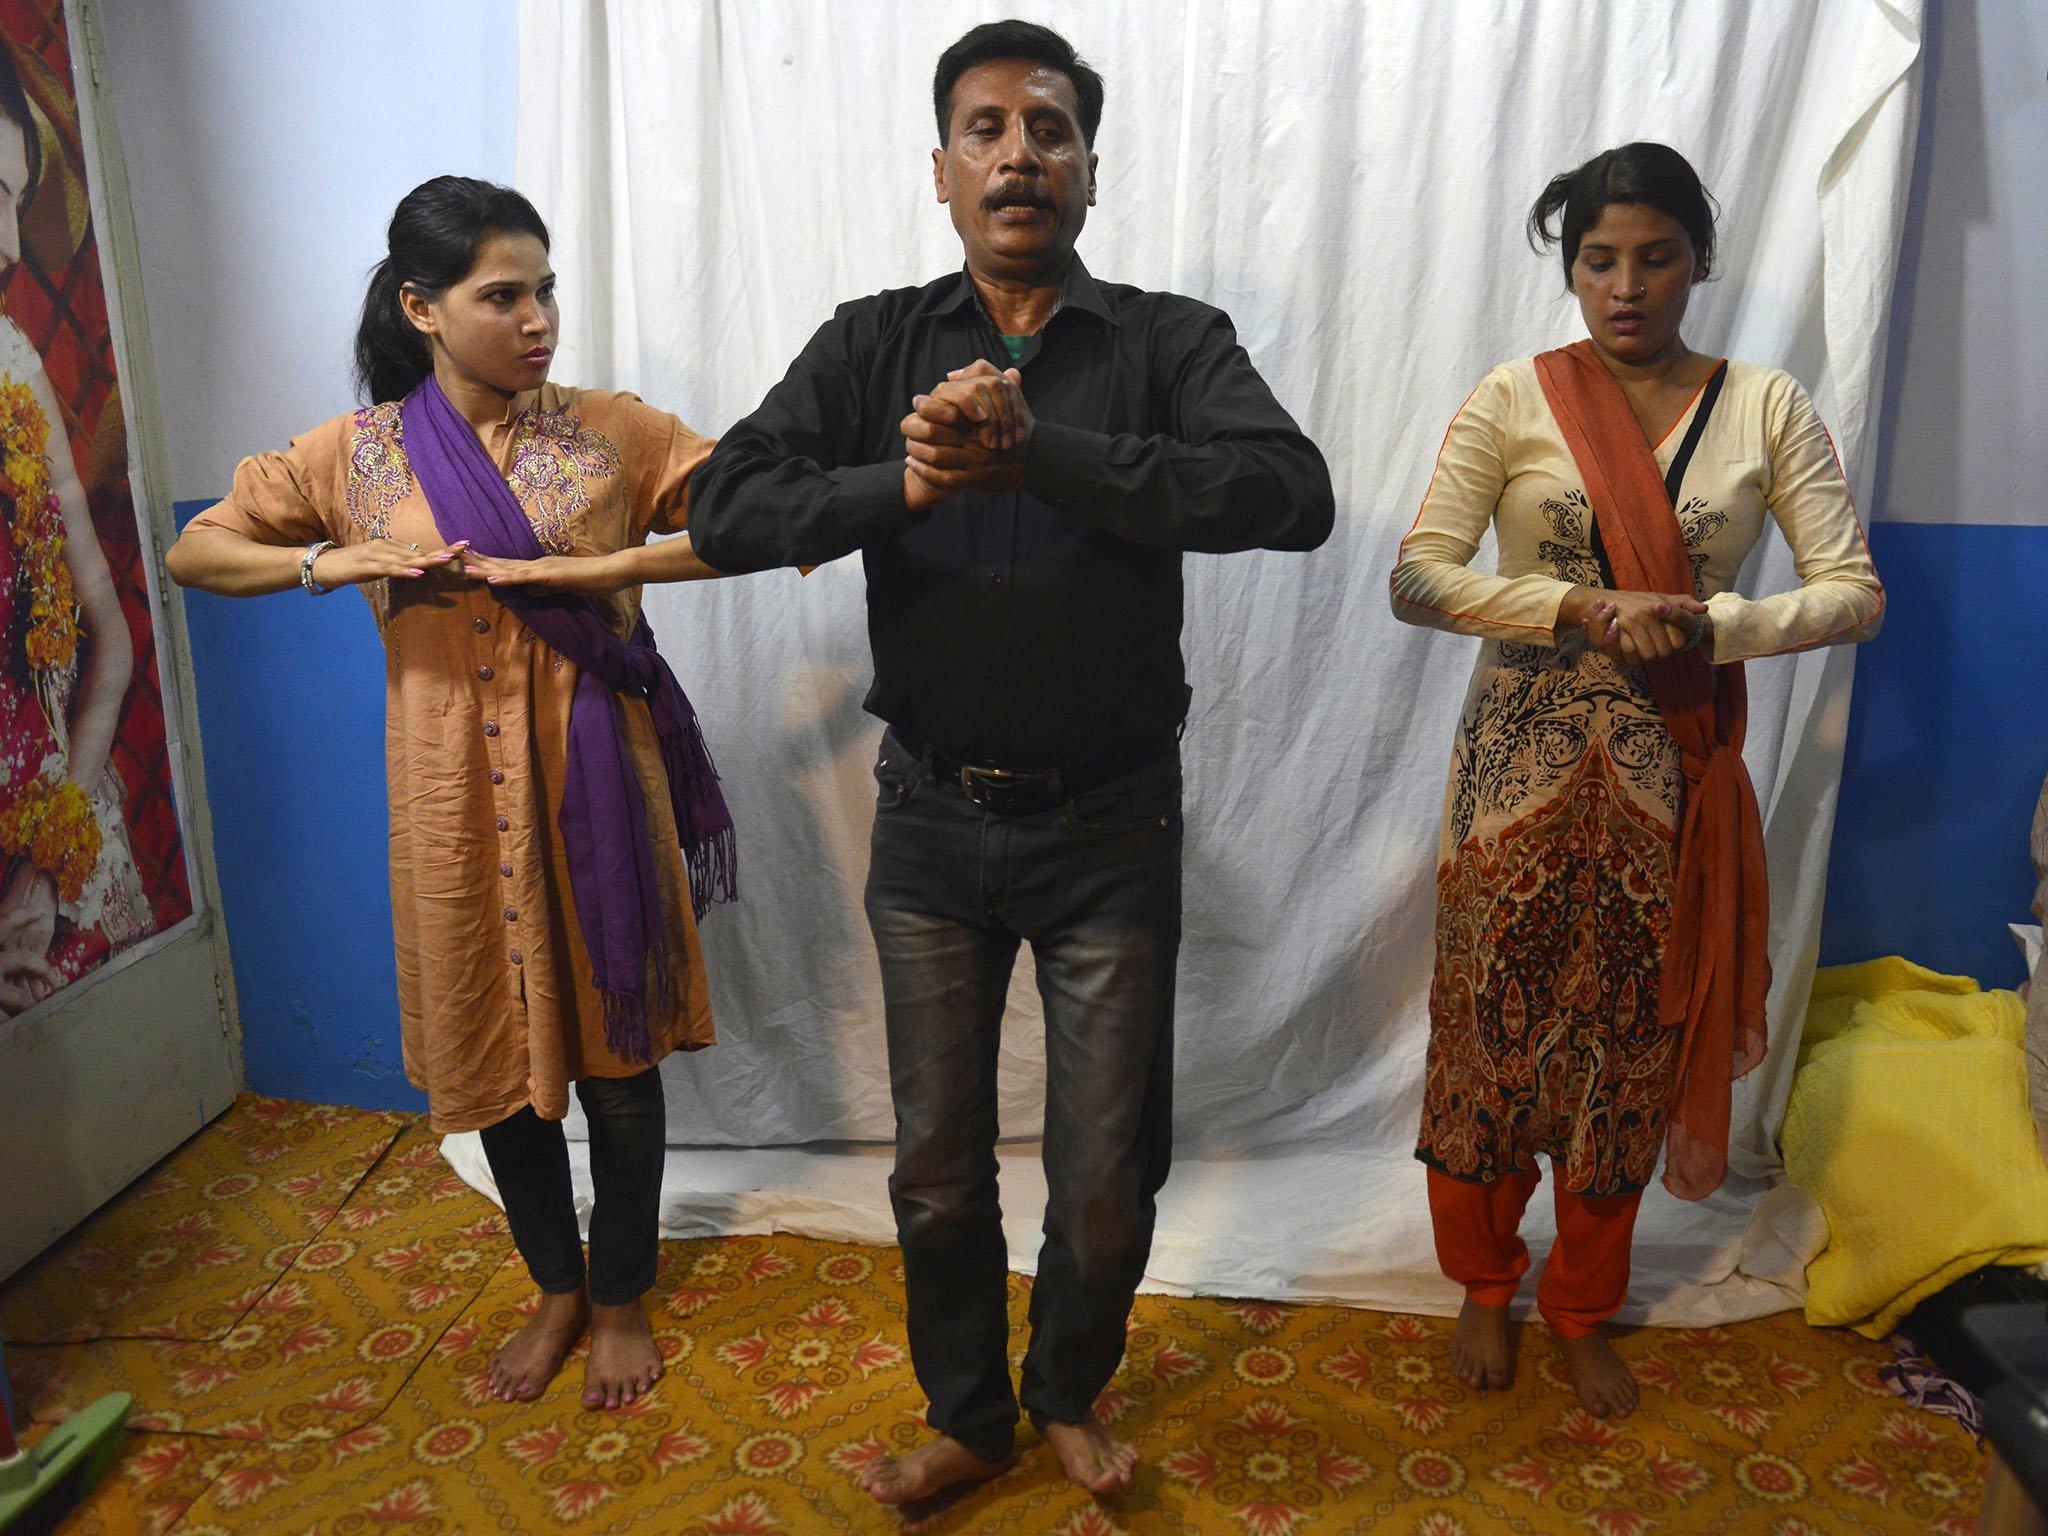 راشد بھٹی نامی ایک استاد اپنی شاگردوں کو رقص کی تربیت دیتے ہوئے